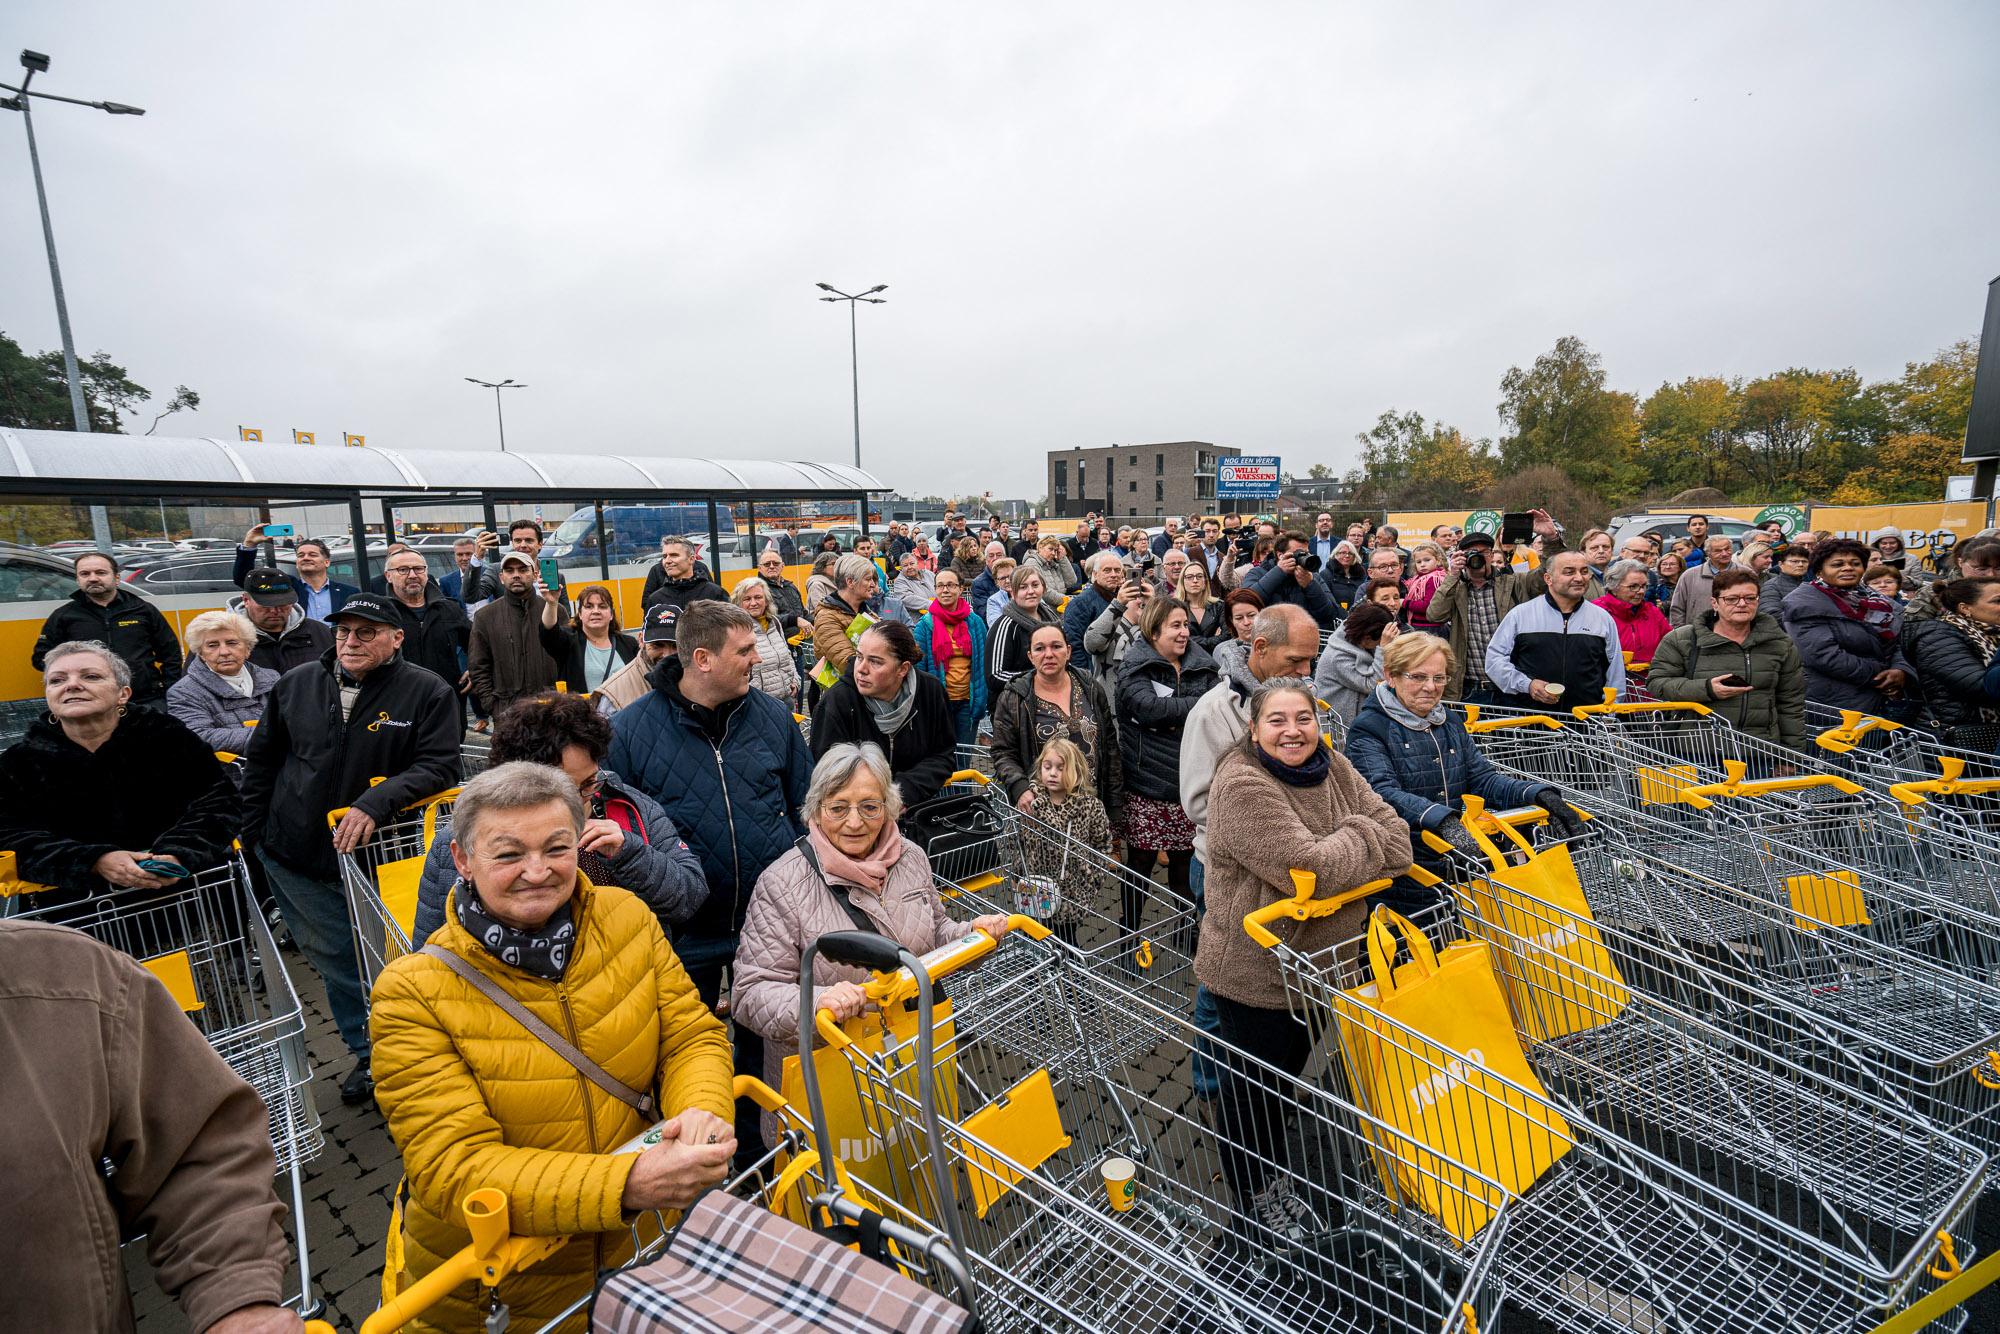 02-Eerste-Jumbo-supermarkt-in-Belgie-feestelijk-geopend